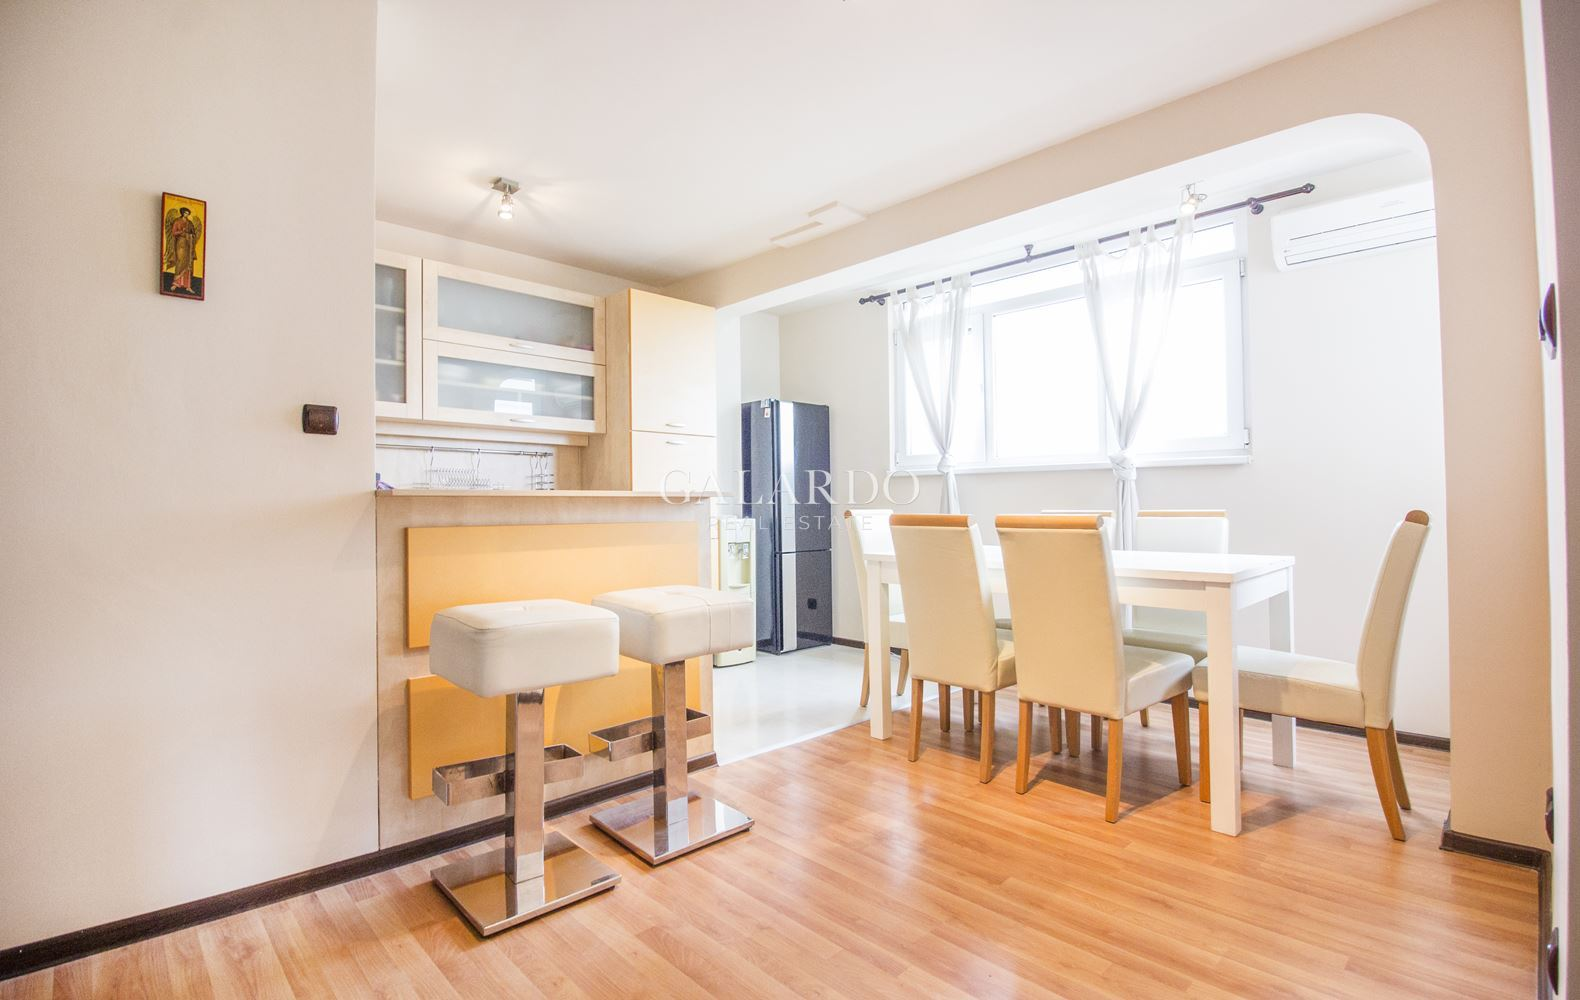 Просторен двустаен апартамент до метростанция Западен парк